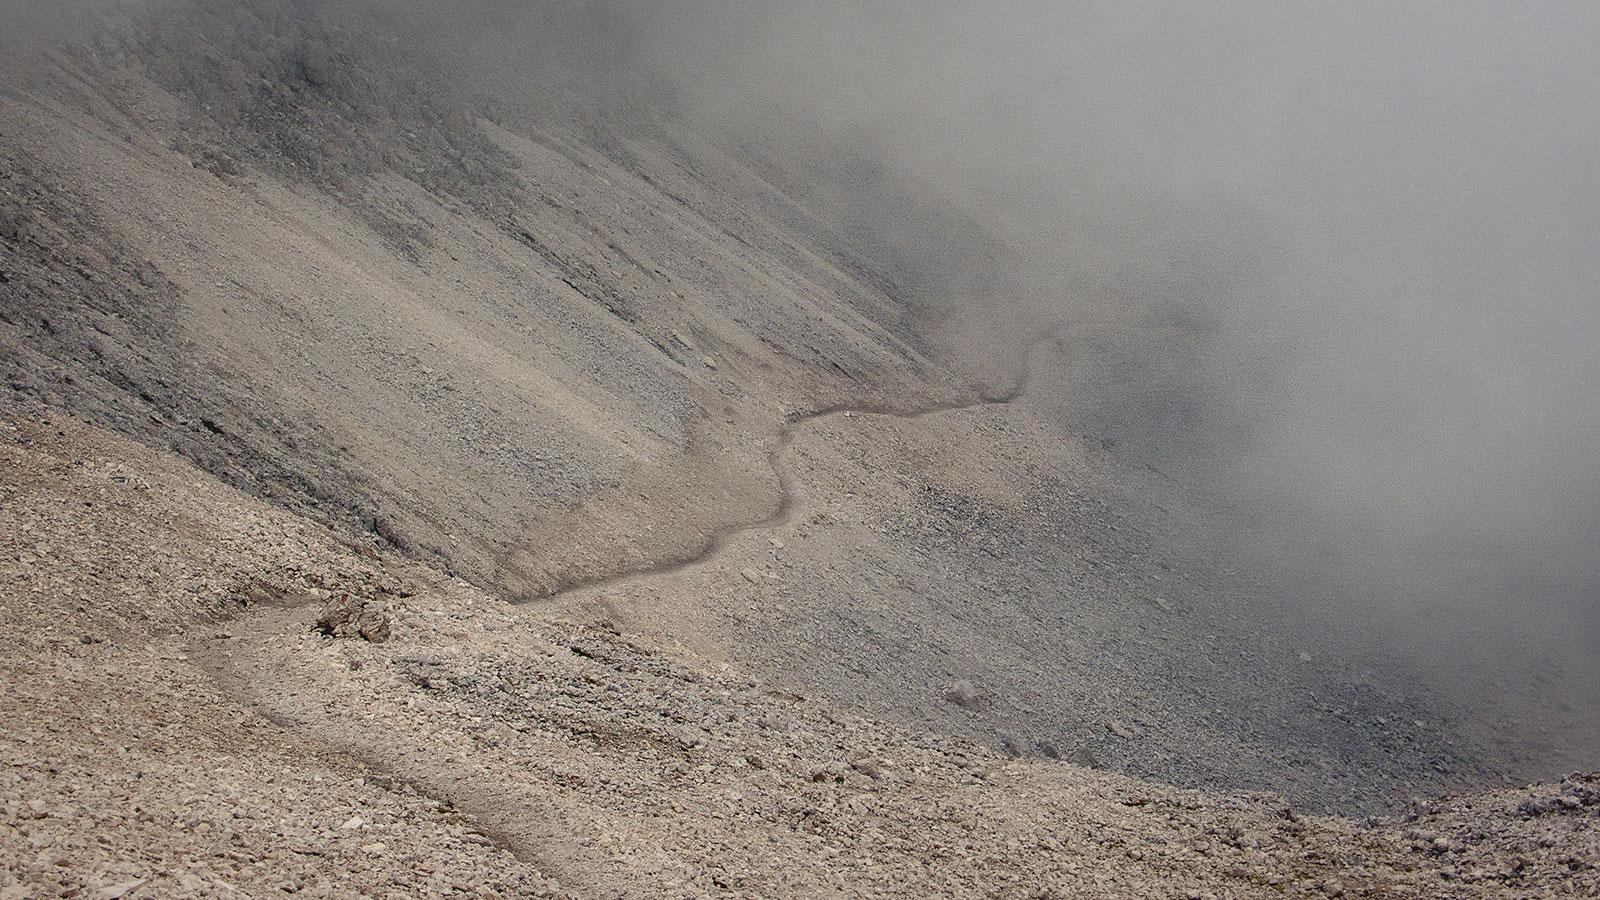 Ungewisser Weg. Dolomiten | Pauli Trenkwalder, Berge & Psychologie